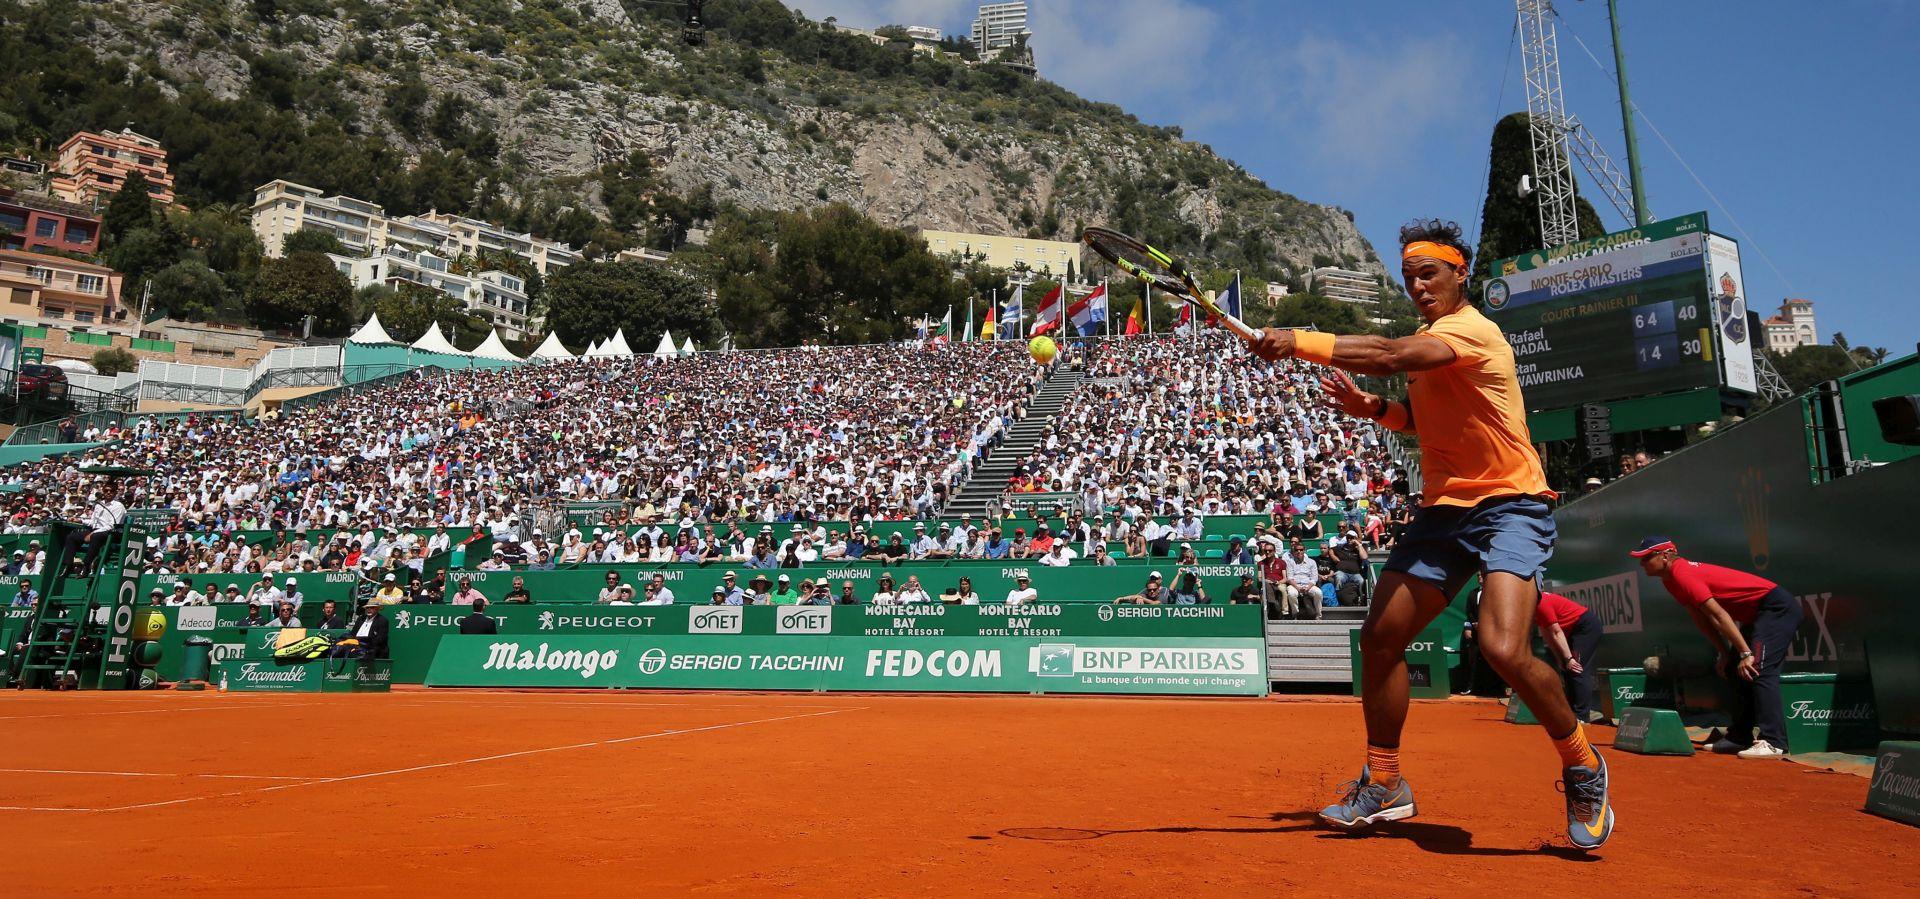 ATP MONTE CARLO Nadal svladao Murrayja za 100. finale karijere